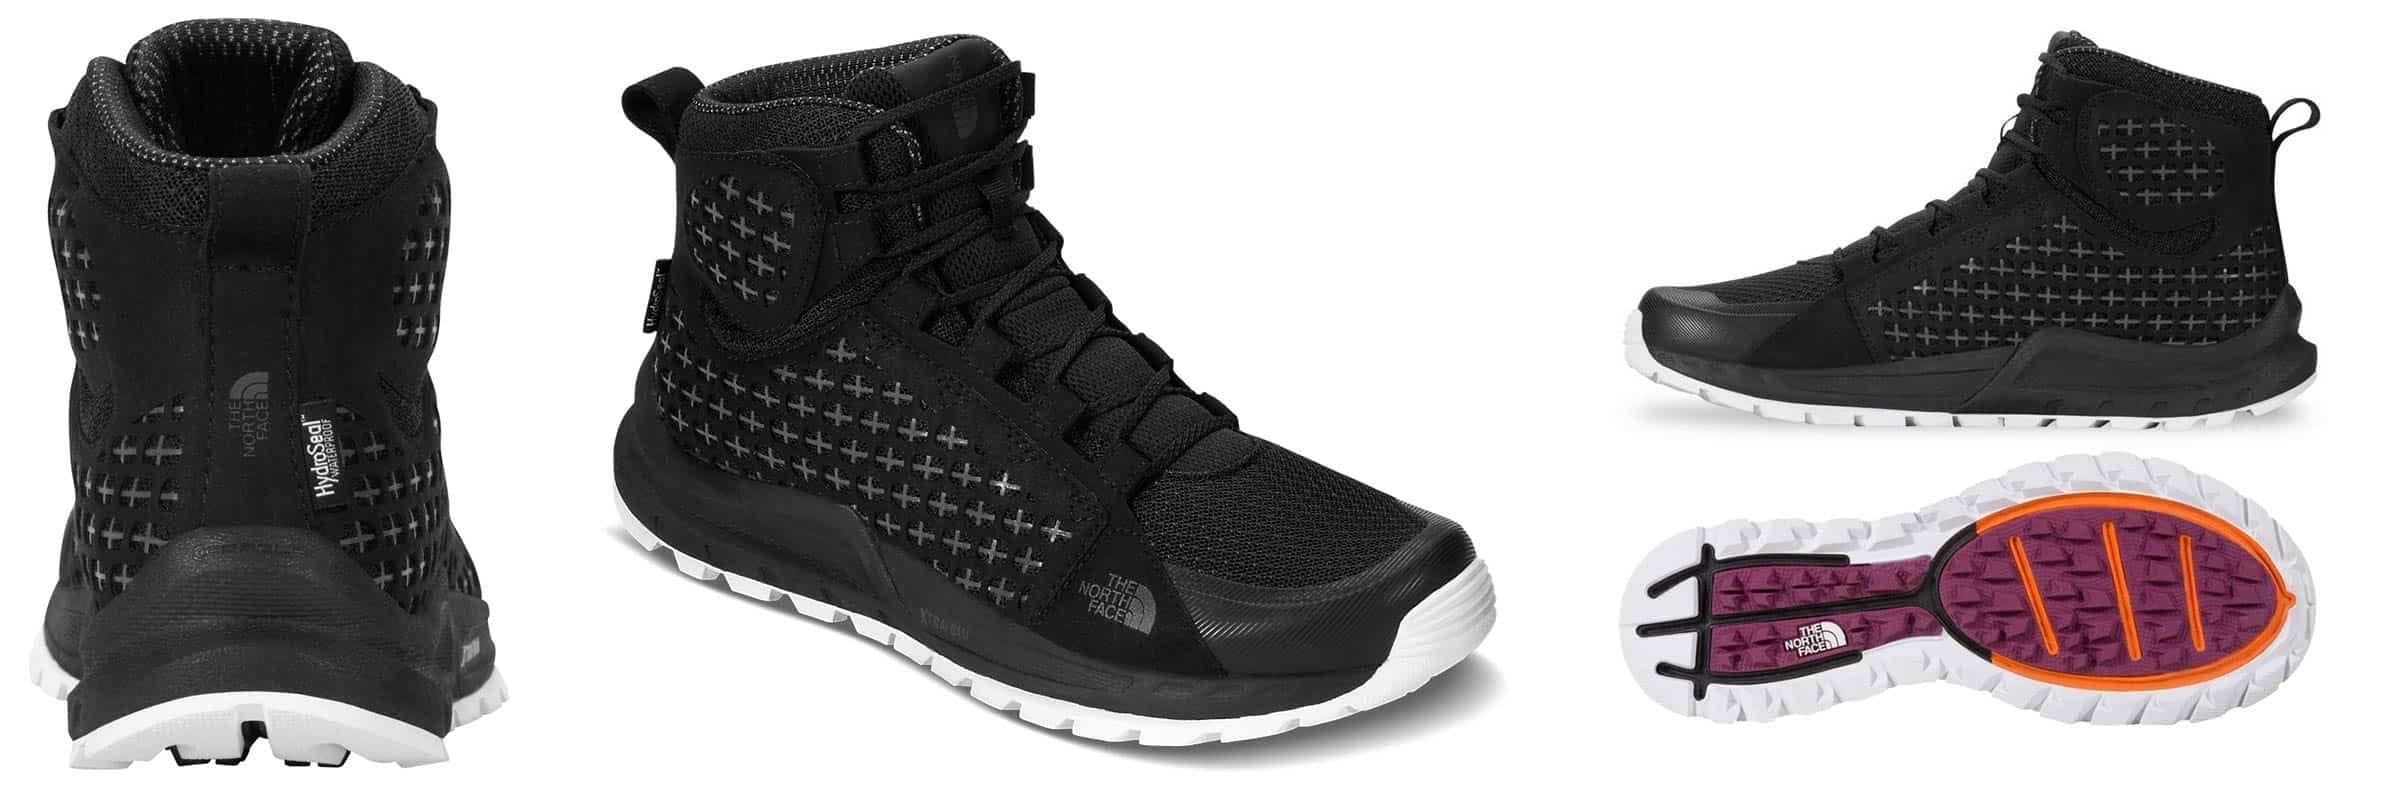 tnf mountain sneaker